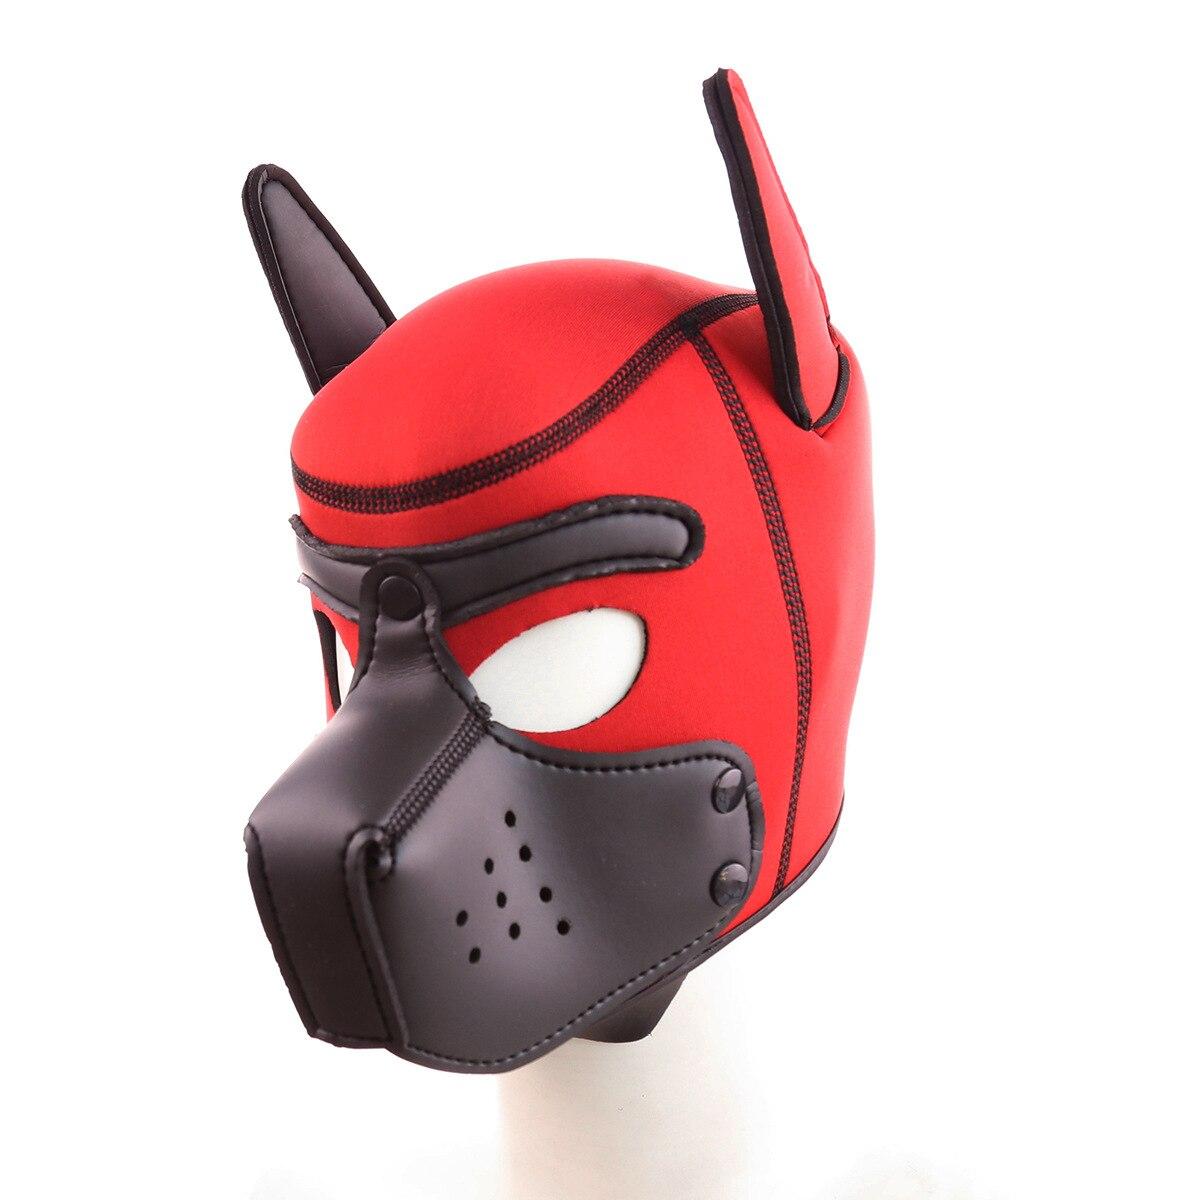 الرجال والنساء متعة القبعات الكبار ألعاب المطاط الإسفنج نمط جديد للإزالة الفم الكلب القبعات شامل الوجه قناع تأثيري